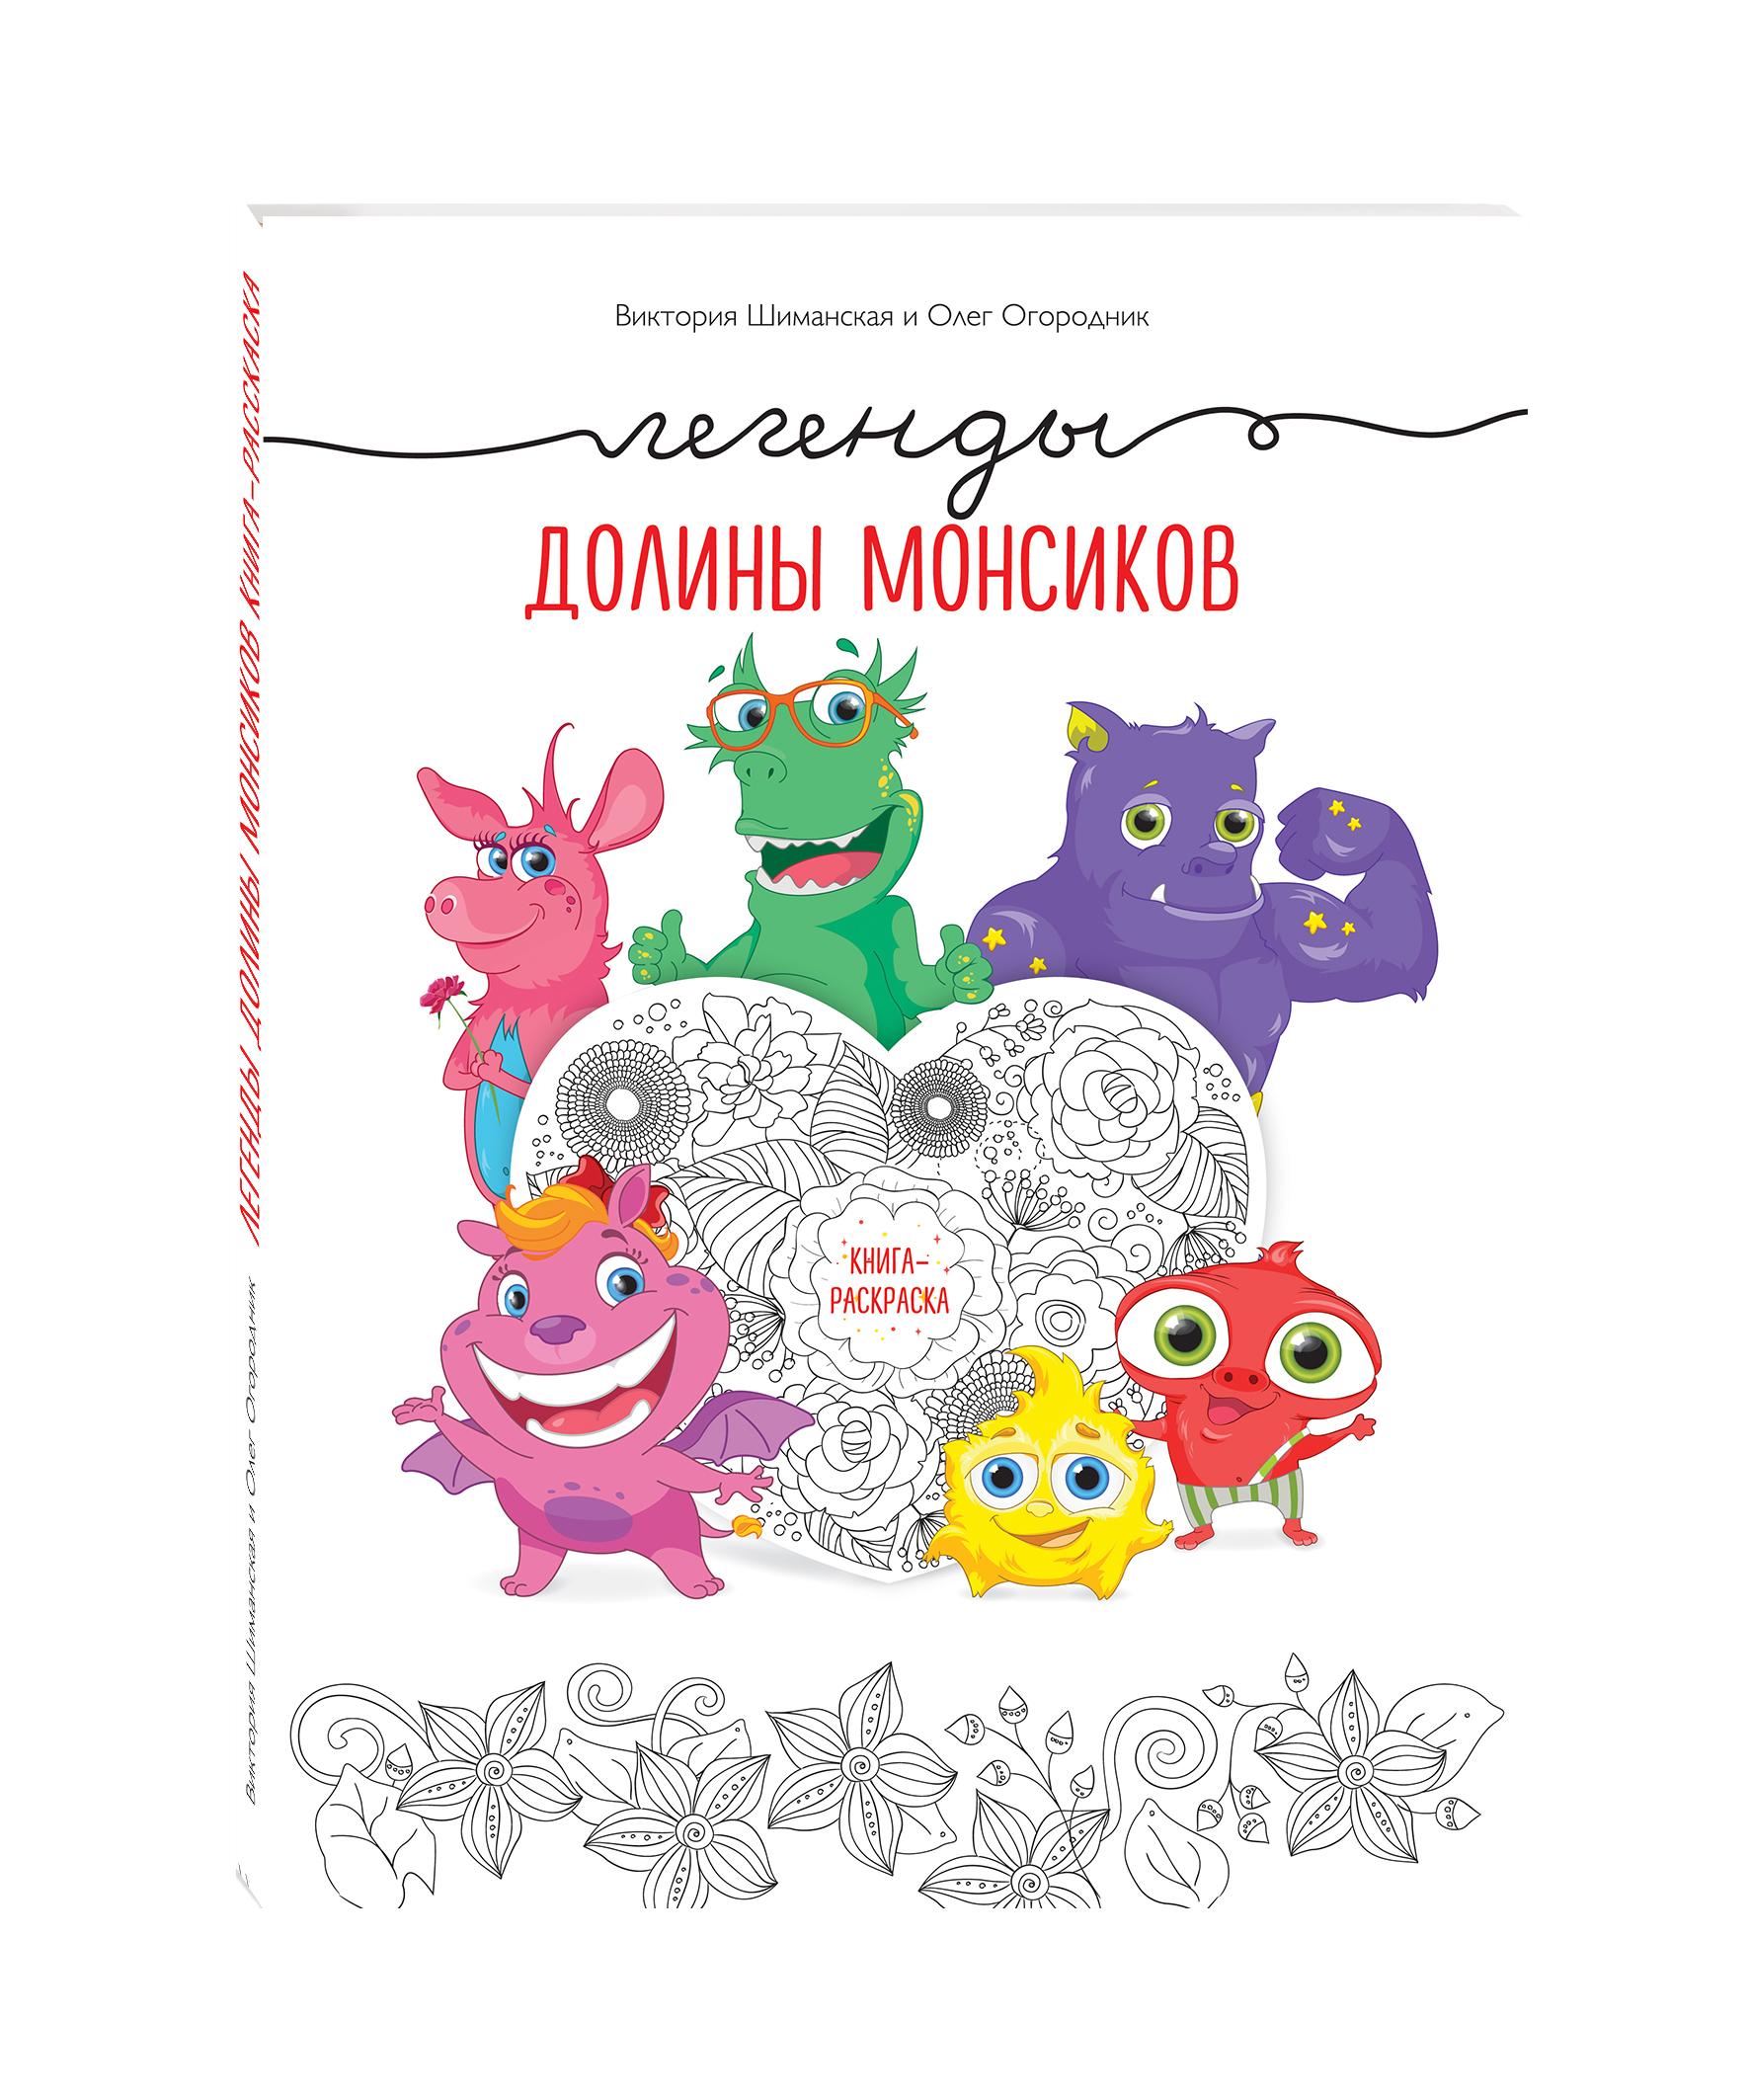 Легенды долины монсиков. Книга-раскраска ( Шиманская В., Огородник О.  )